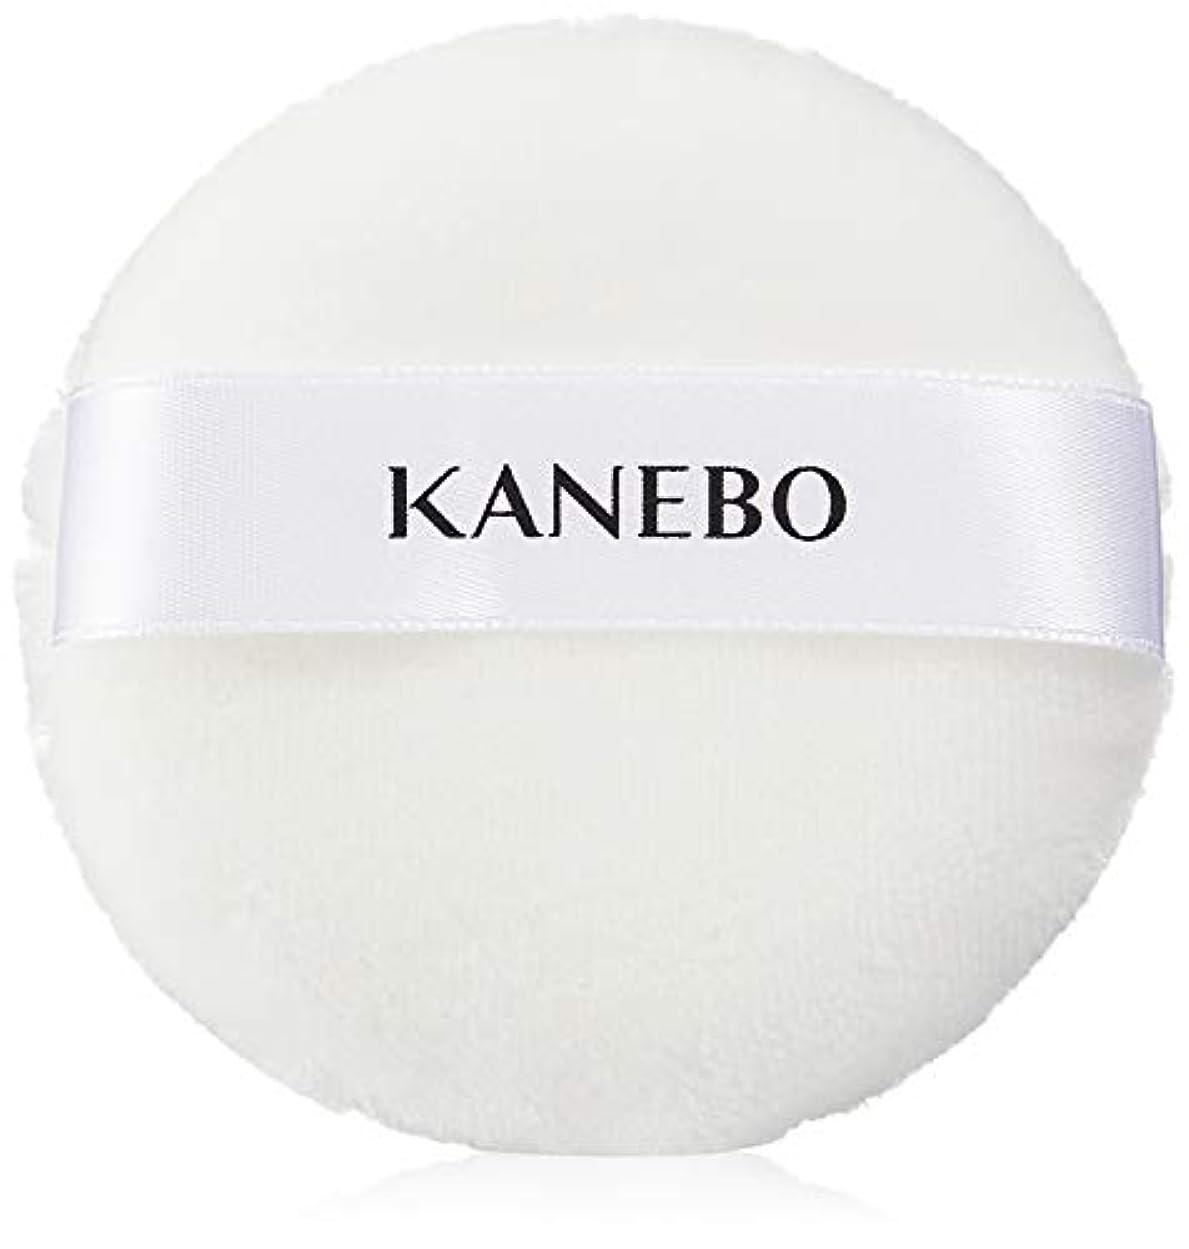 ギャザー暴動曲線KANEBO(カネボウ) カネボウ フィニッシュパウダーパフ パフ(おしろい用)